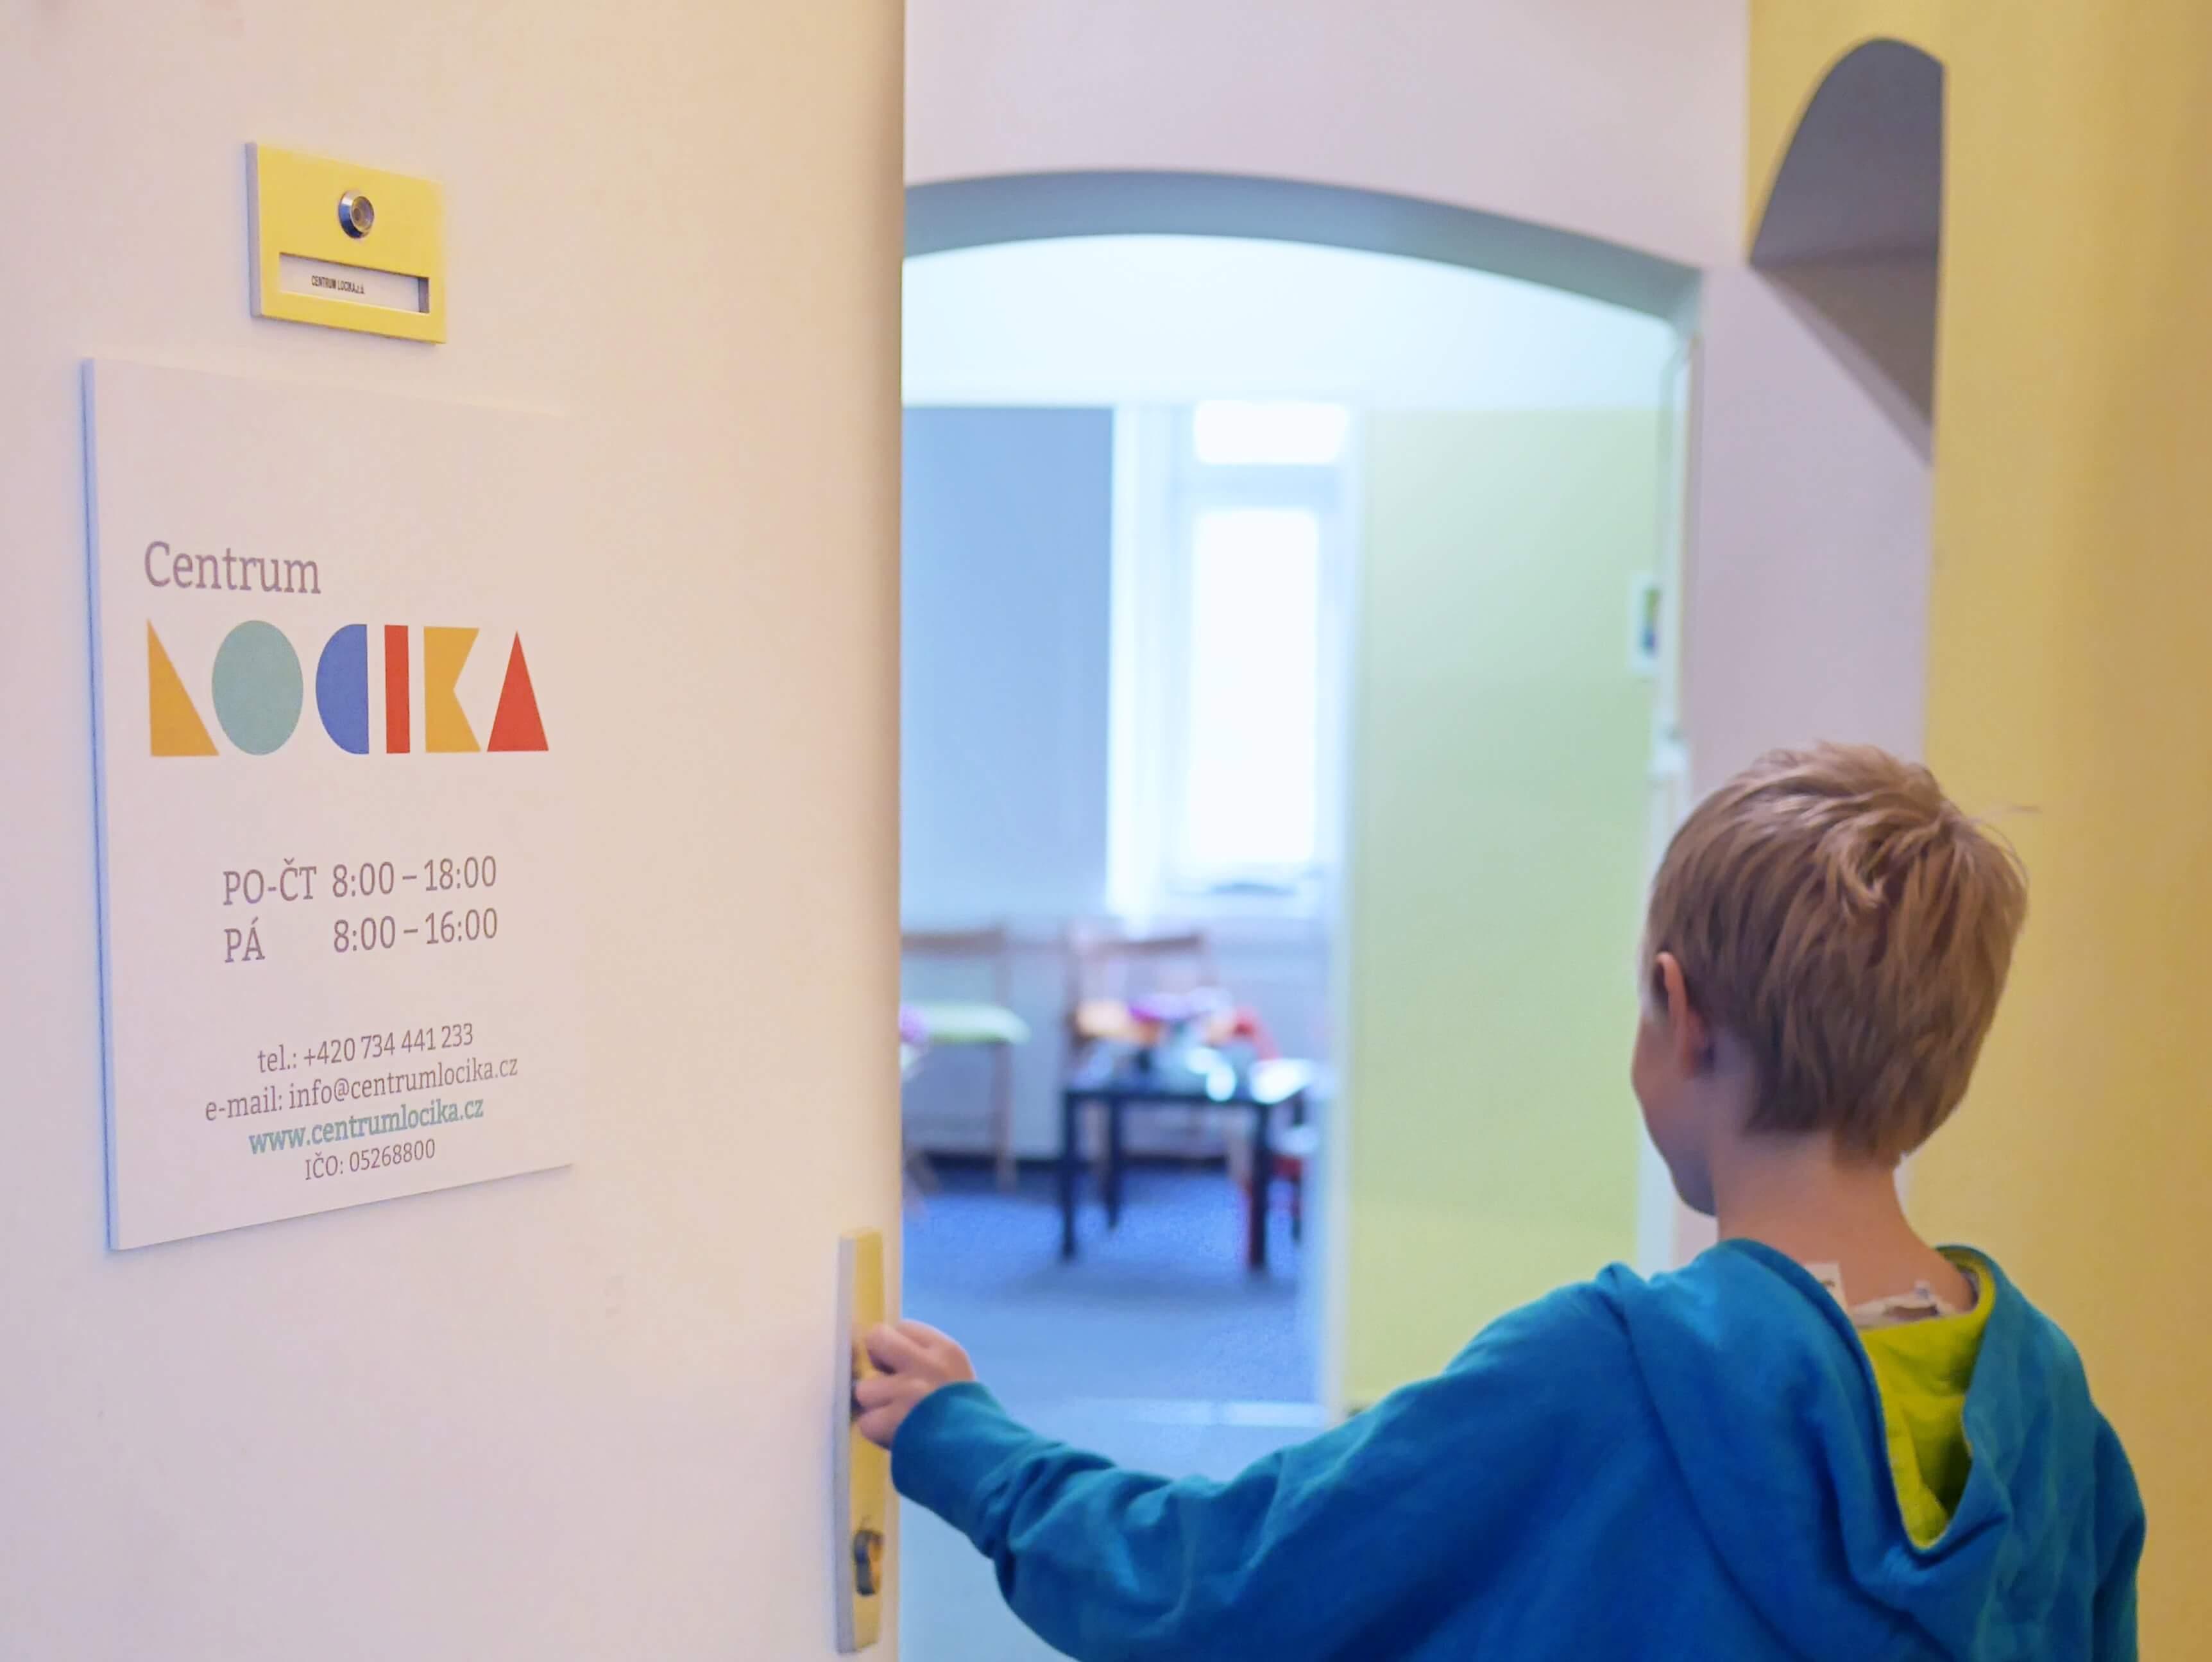 Vchodové dveře do Centra LOCIKA v Umělecké ulici